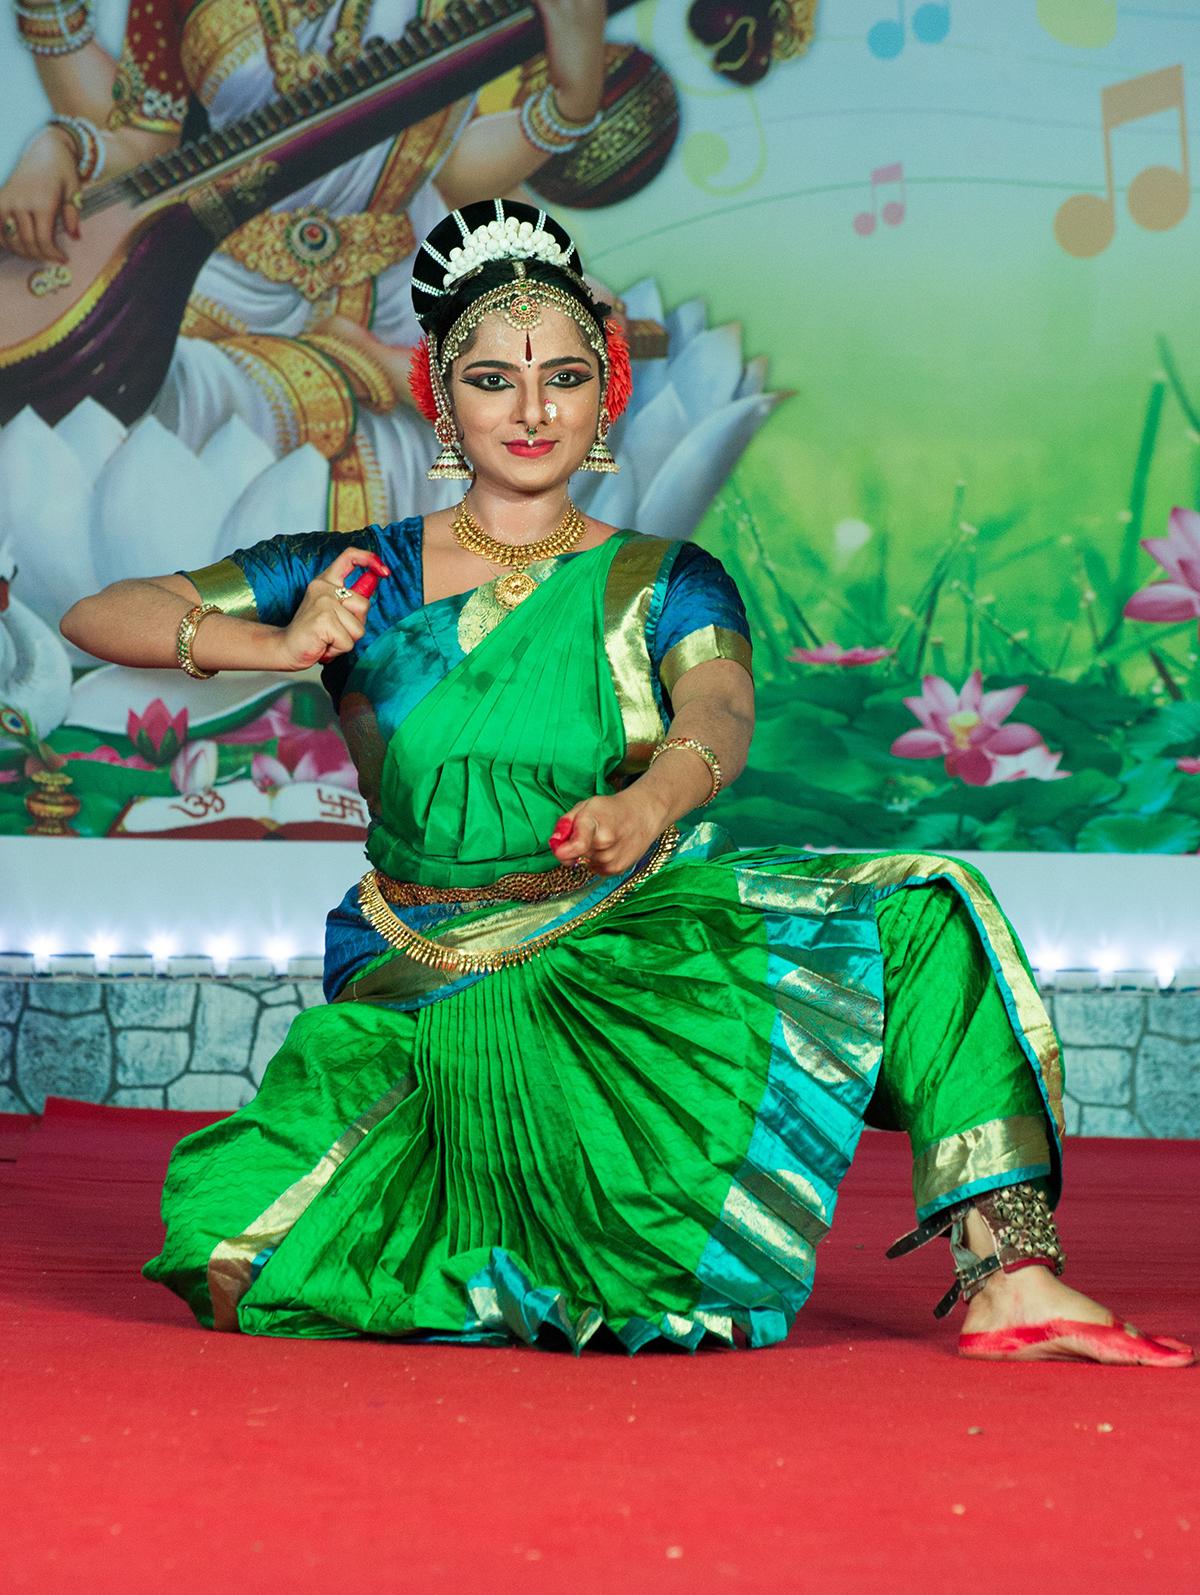 aswathy-rajan-dancer